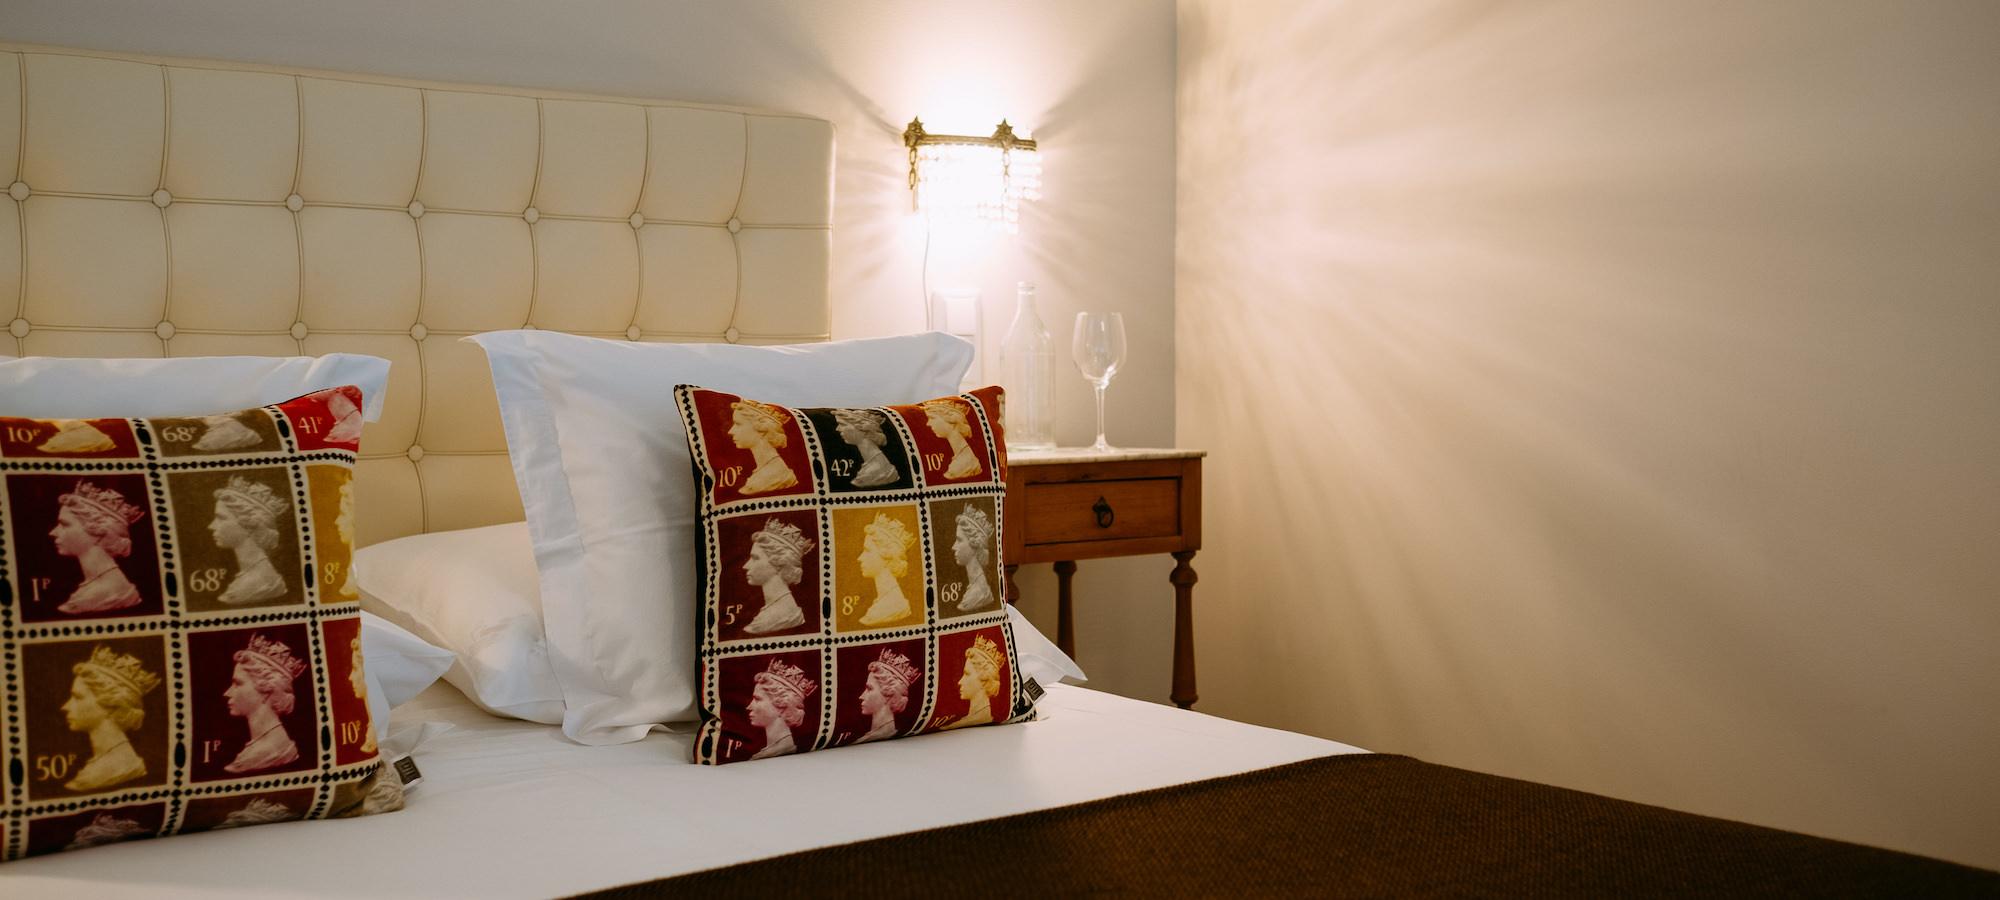 el gran sueño plaza bedroom